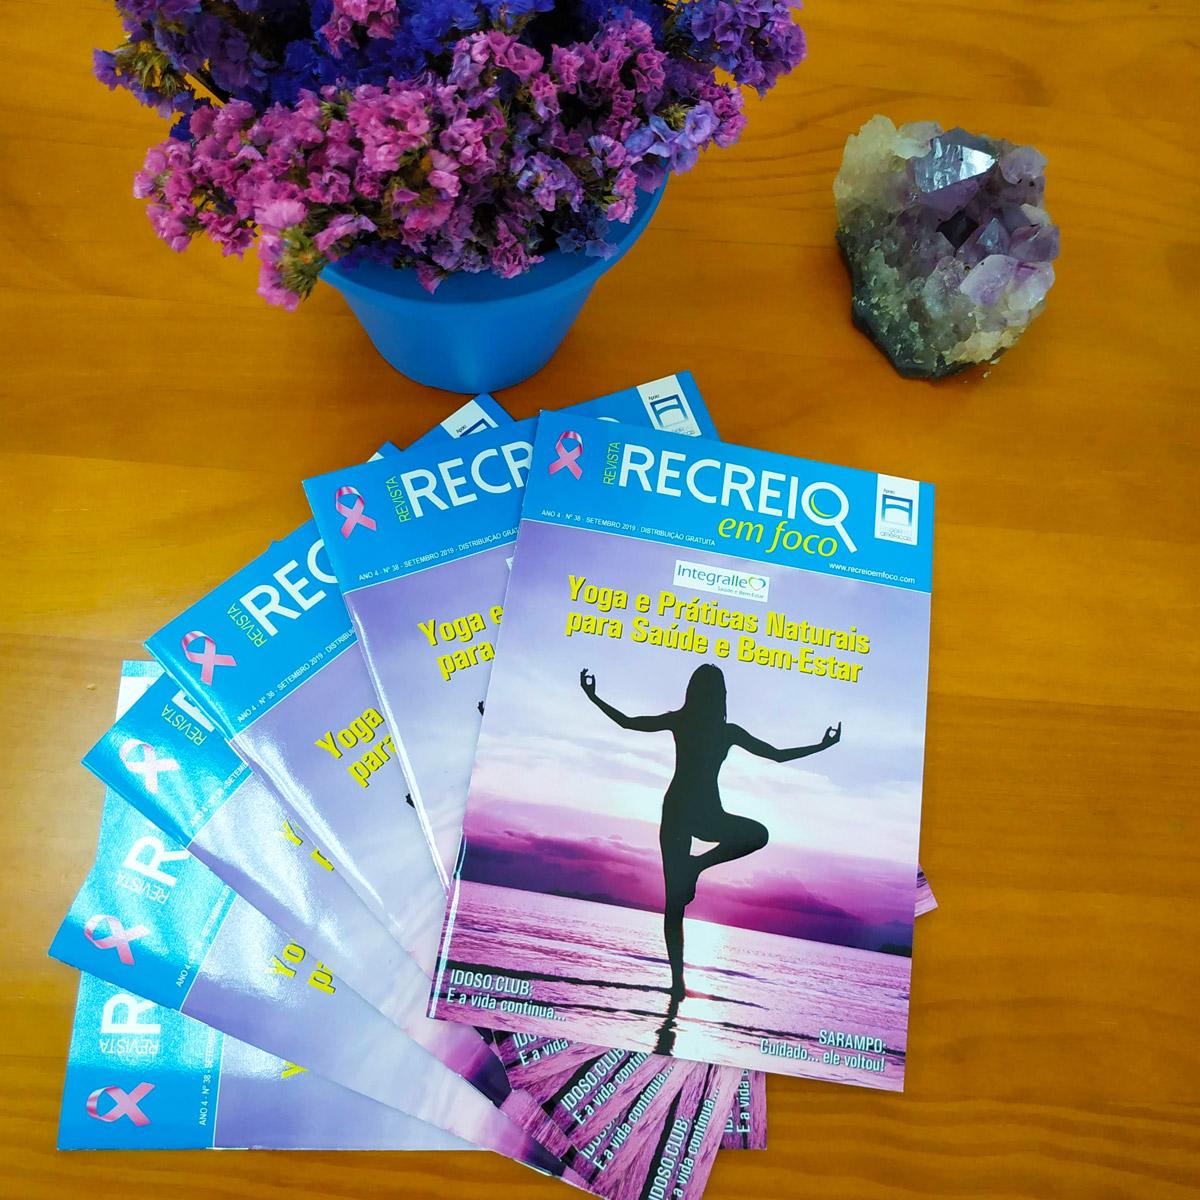 Revista Recreio em Foto Integralle